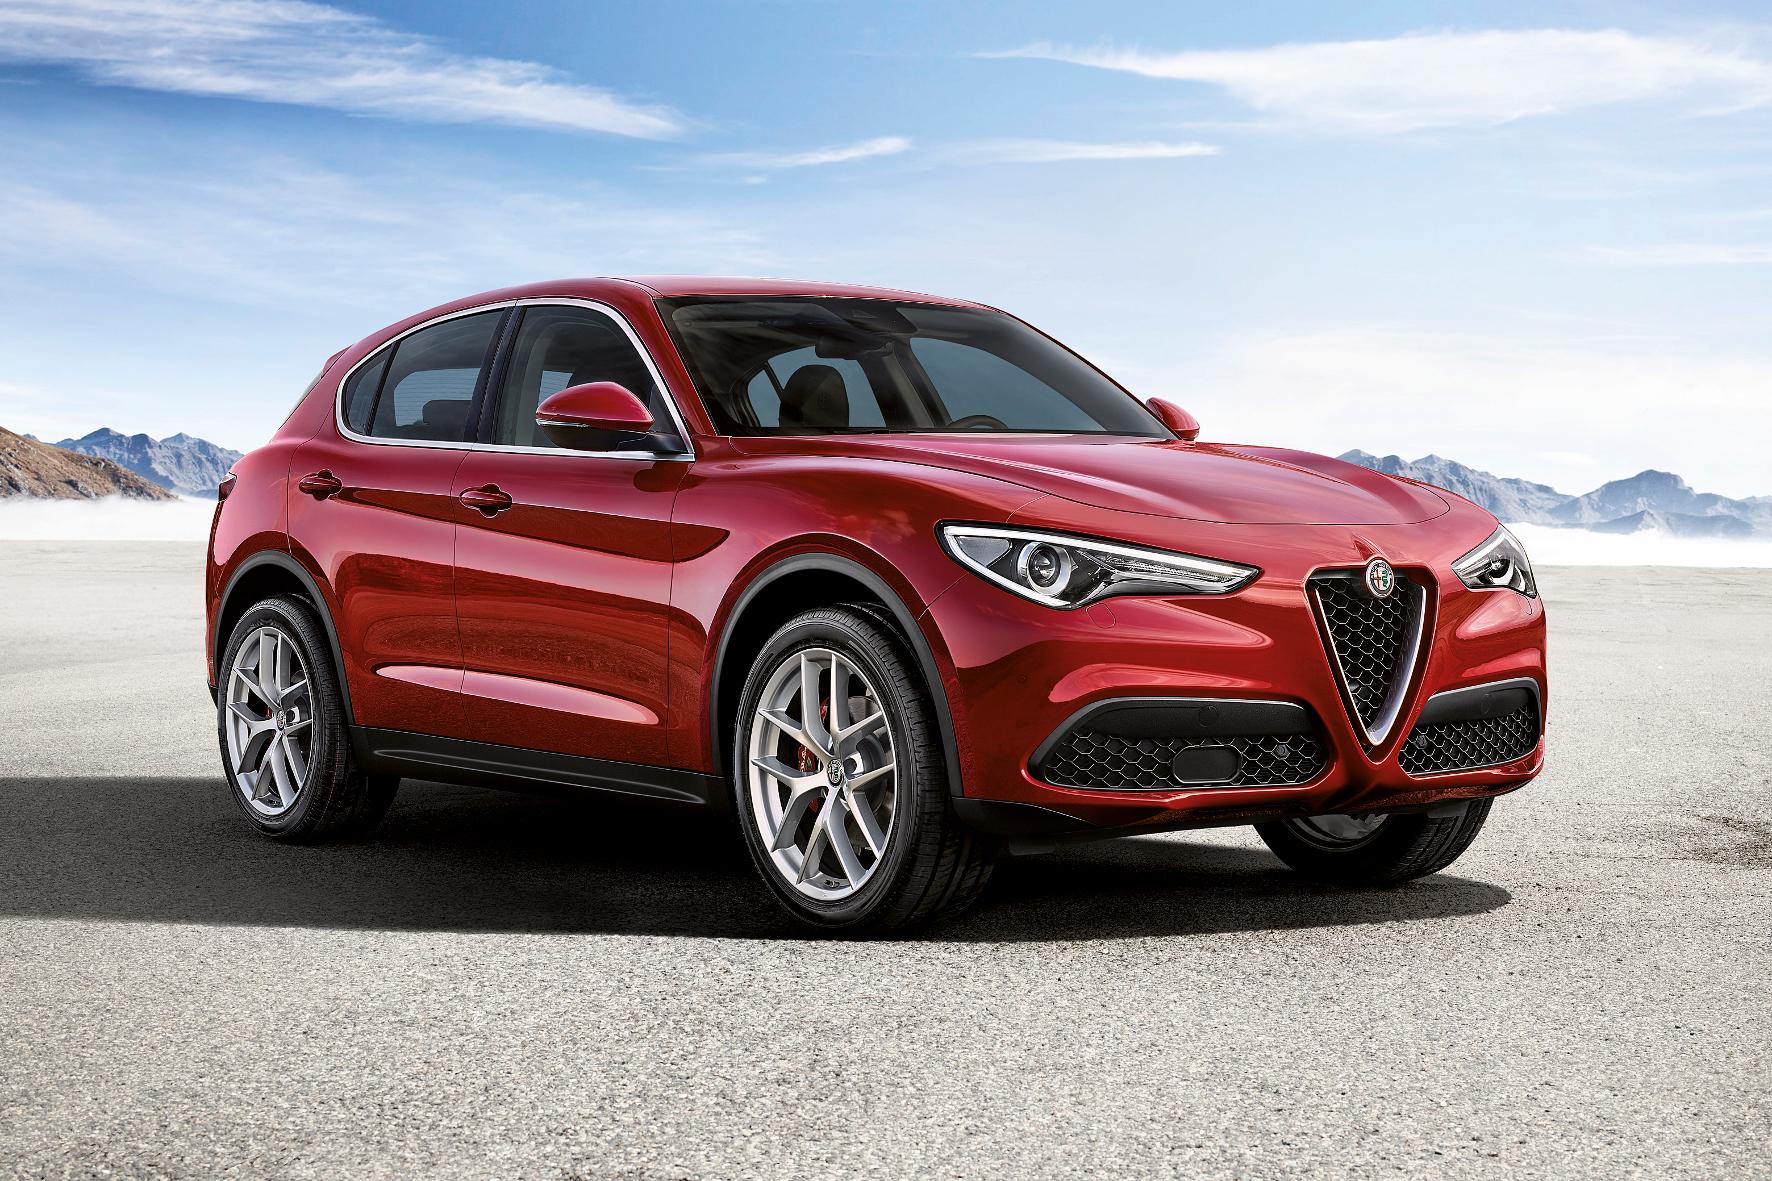 mid Groß-Gerau - Der neue Alfa Romeo Stelvio kommt nicht nur mit einer dynamischen Linienführung daher. Als First Edition ist das ab sofort bestellbare SUV umfangreich ausgestattet.